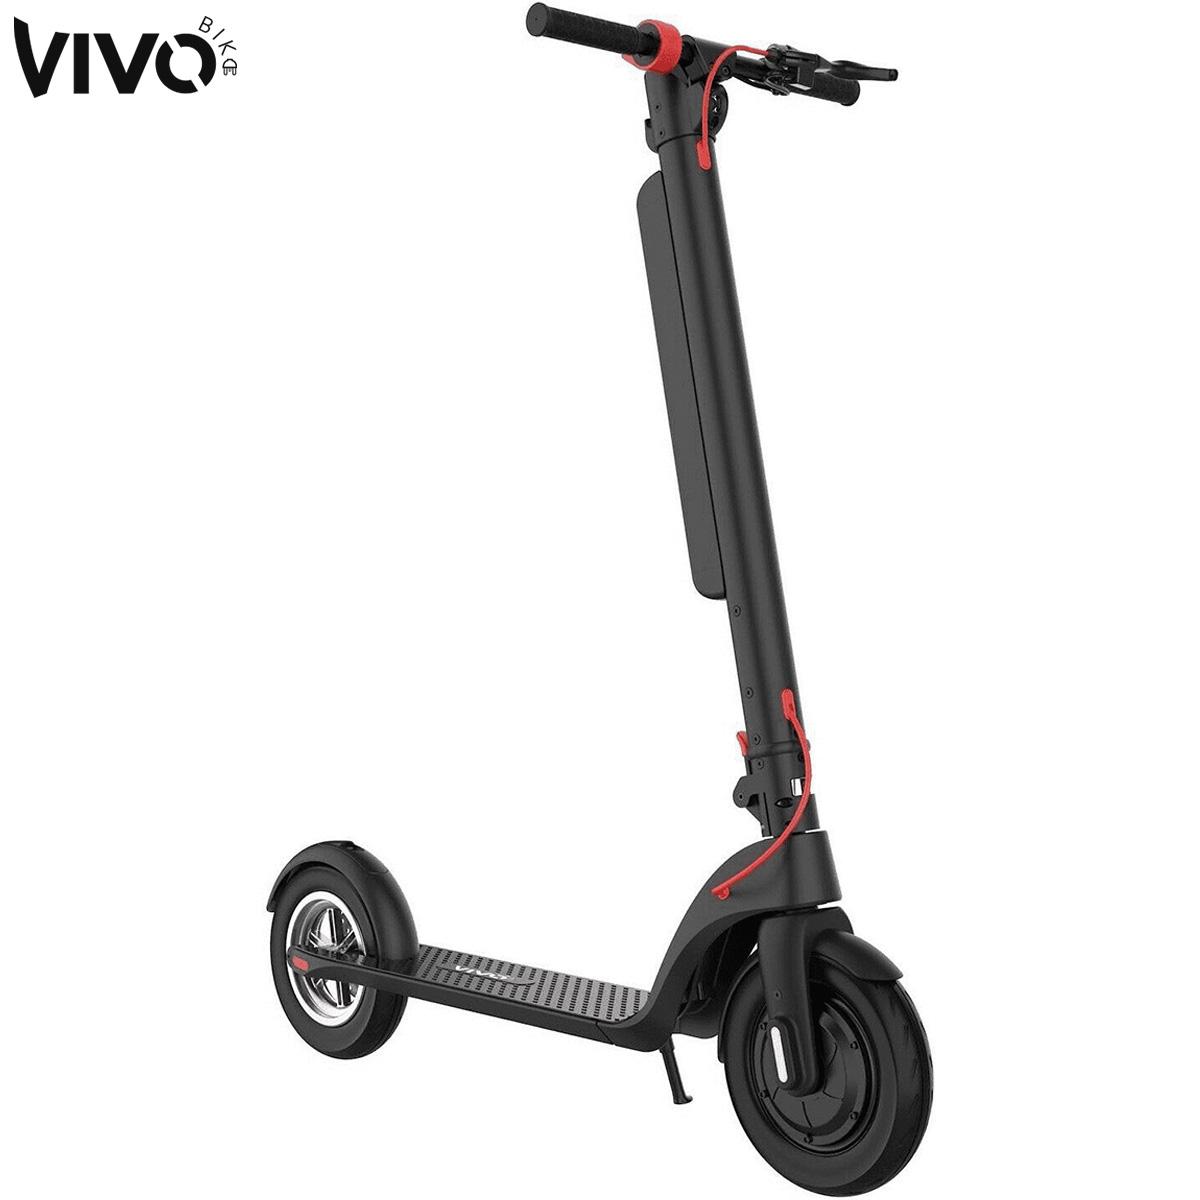 Il monopattino Vivobike e-scooter S3 Max appoggiato sul cavalletto